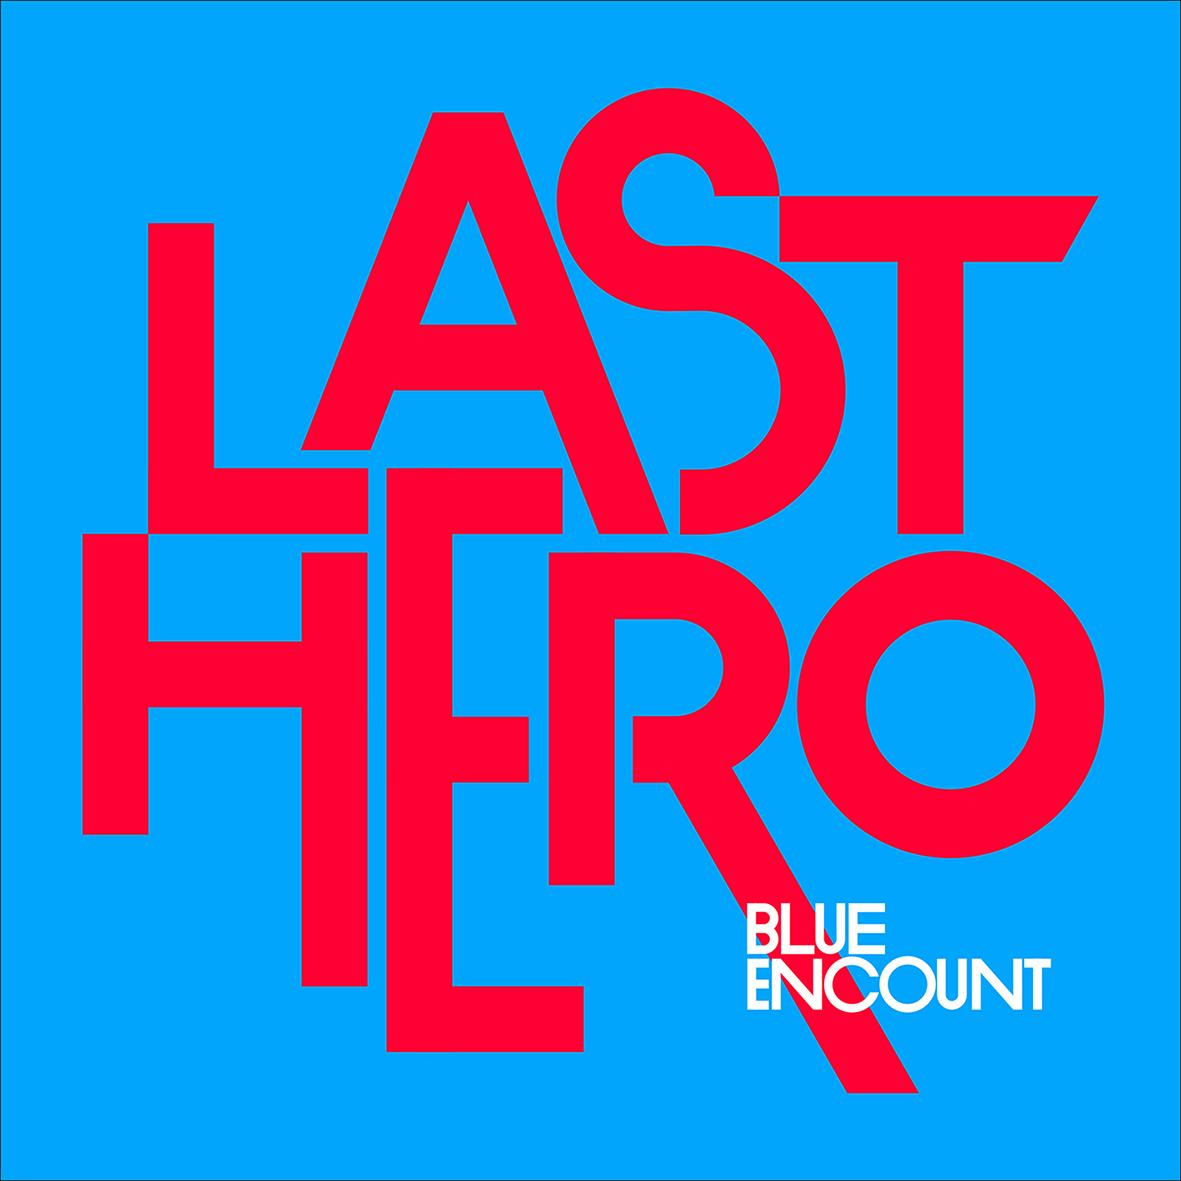 BLUE ENCOUNT/「LAST HERO - 通常盤」